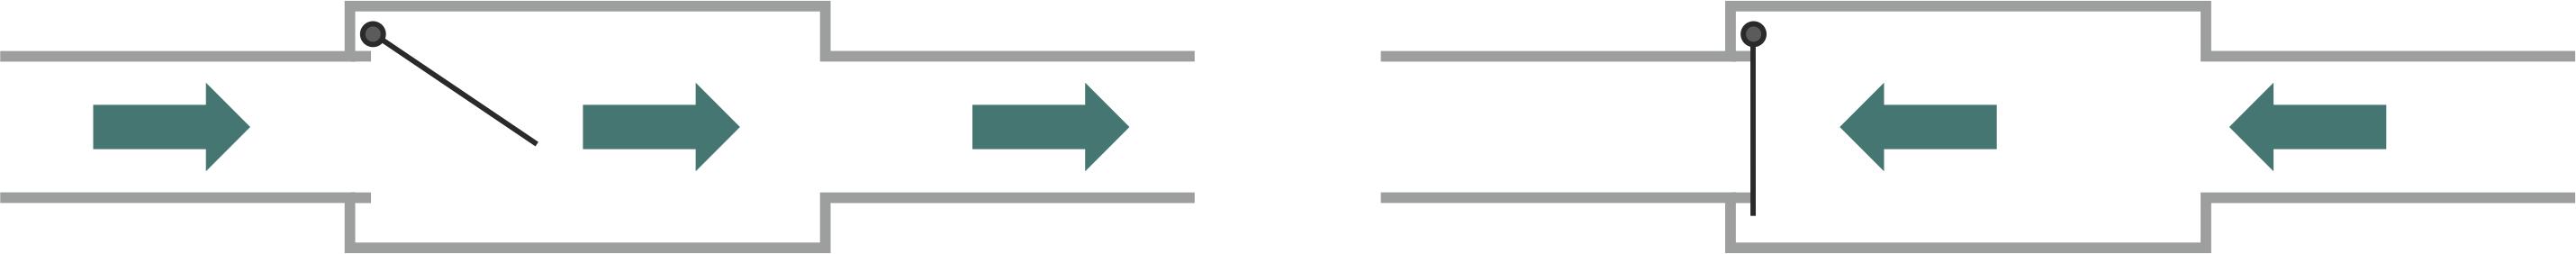 Prinzipskizze Funktionsweise einer Rückstauklappe